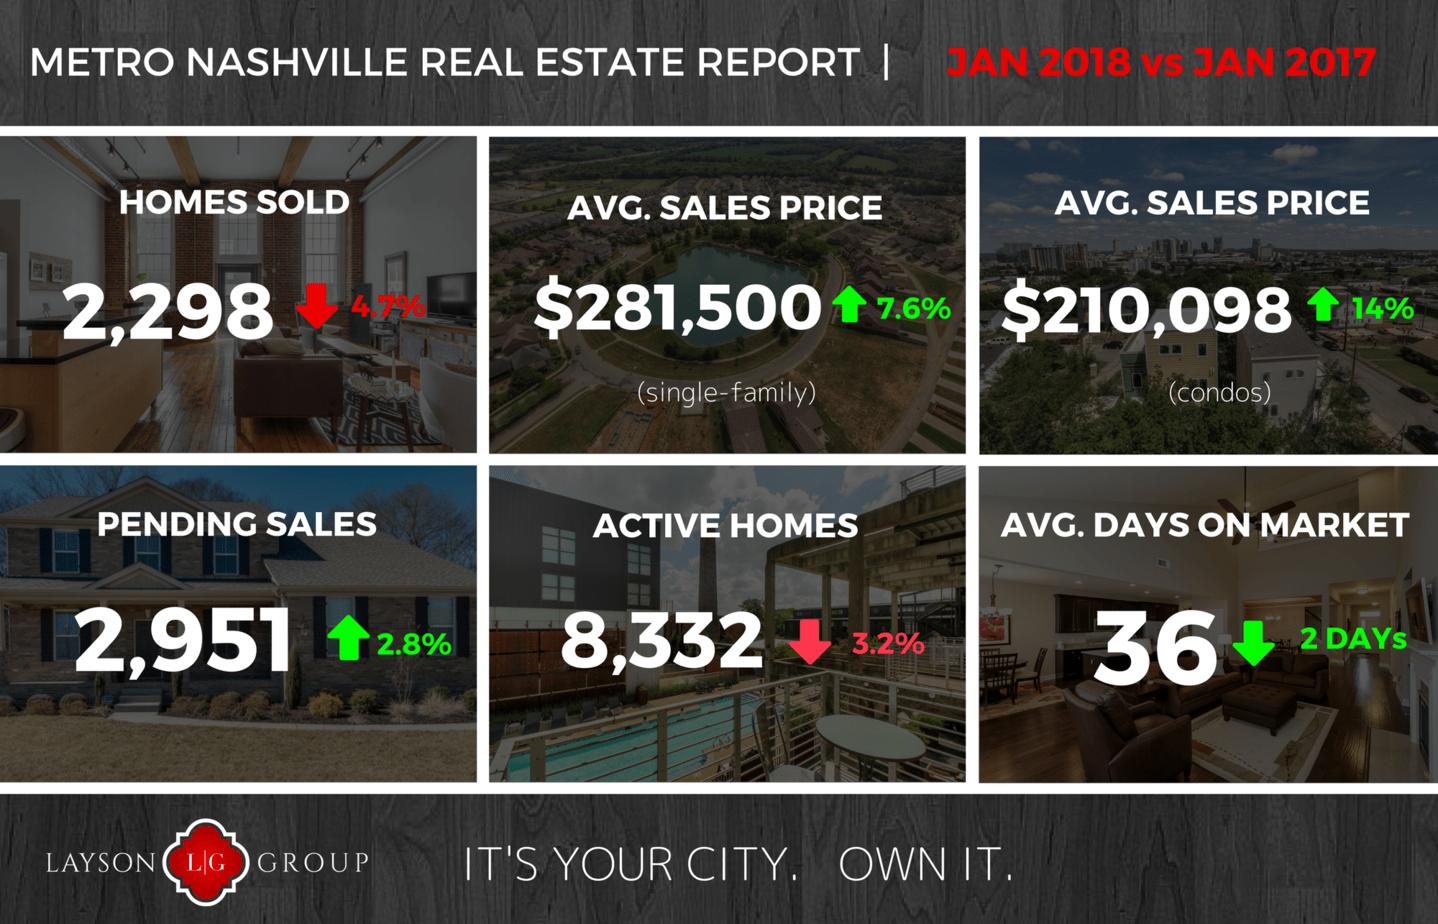 Nashville real estate stats Jan 2018